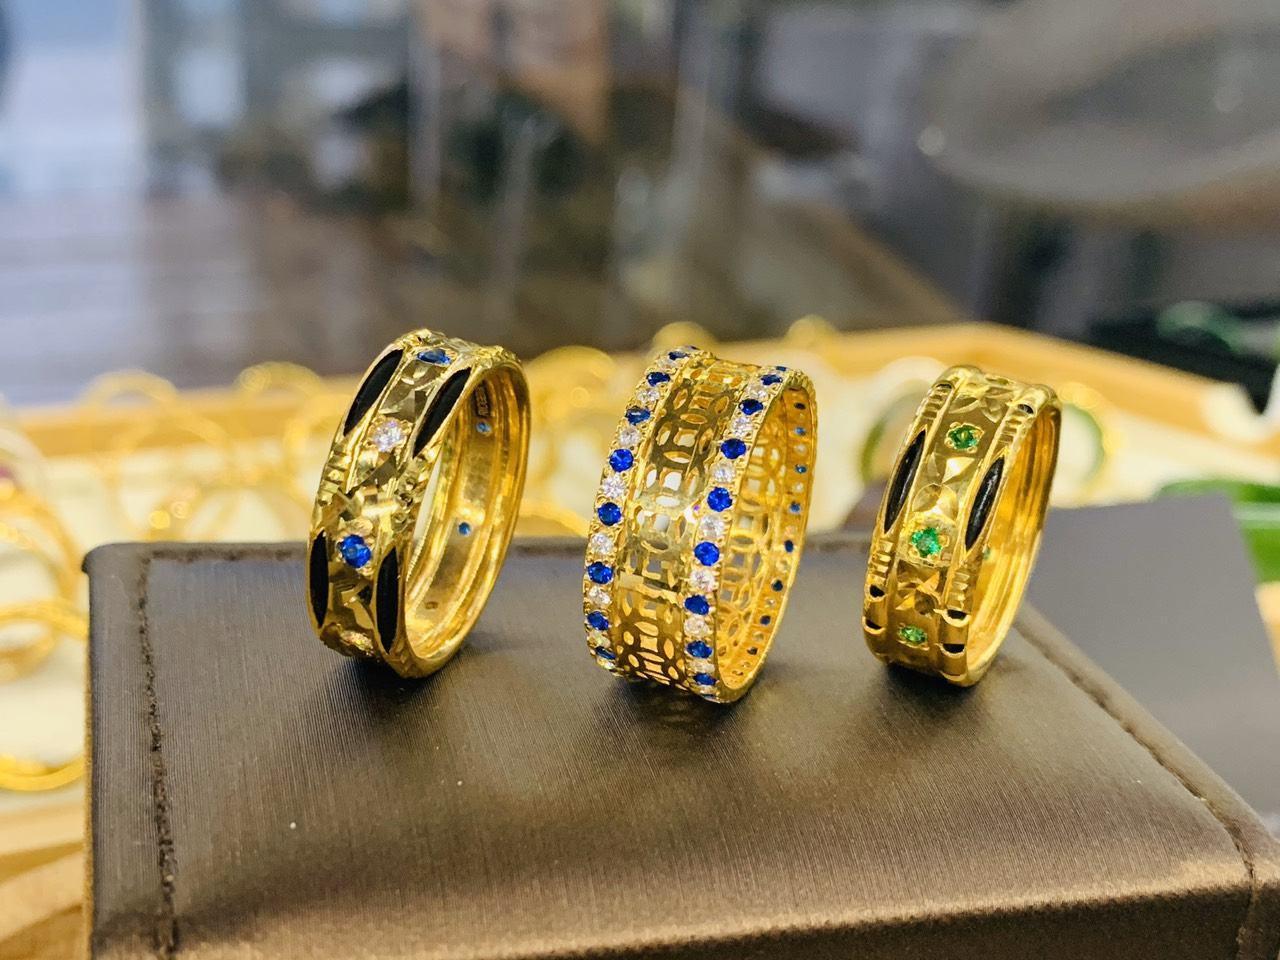 Nhẫn Kim Tiền vàng chạy 2 hàng đá xanh dương hợp mệnh Mộc - Thủy